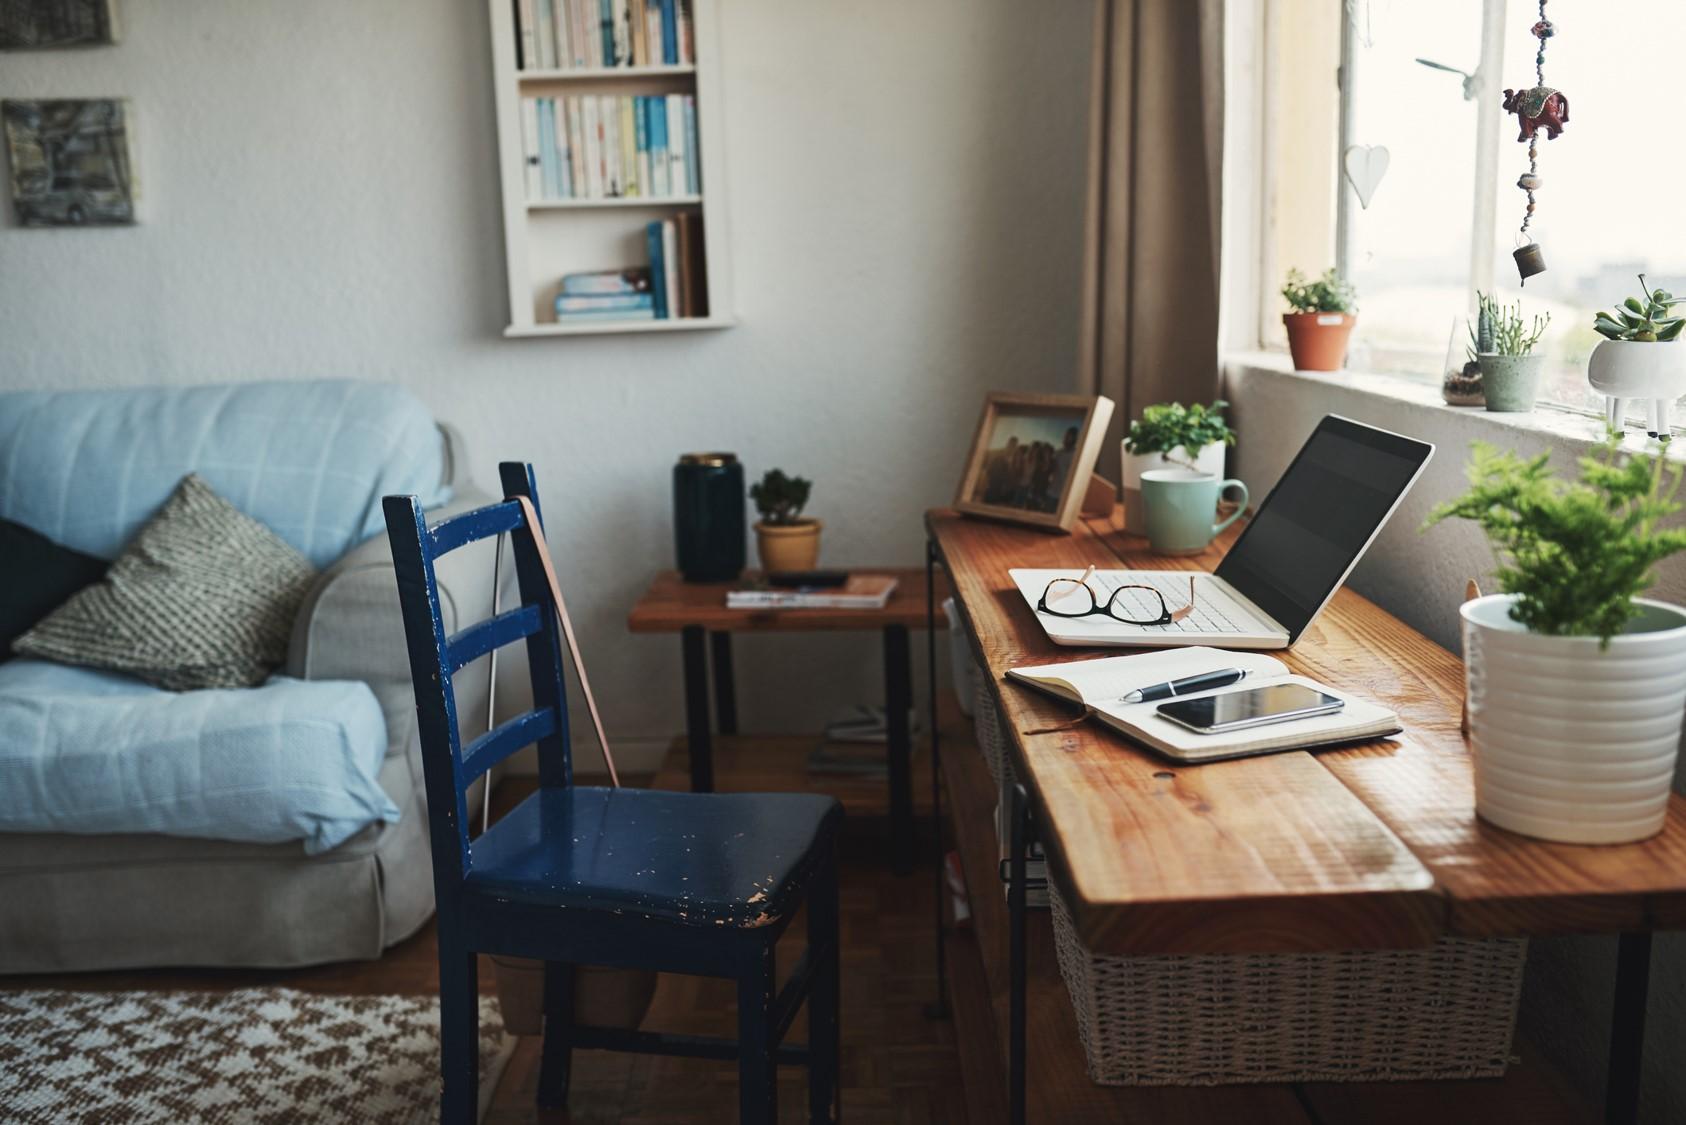 在宅前提なら移住検討 在宅勤務に満足が多数派